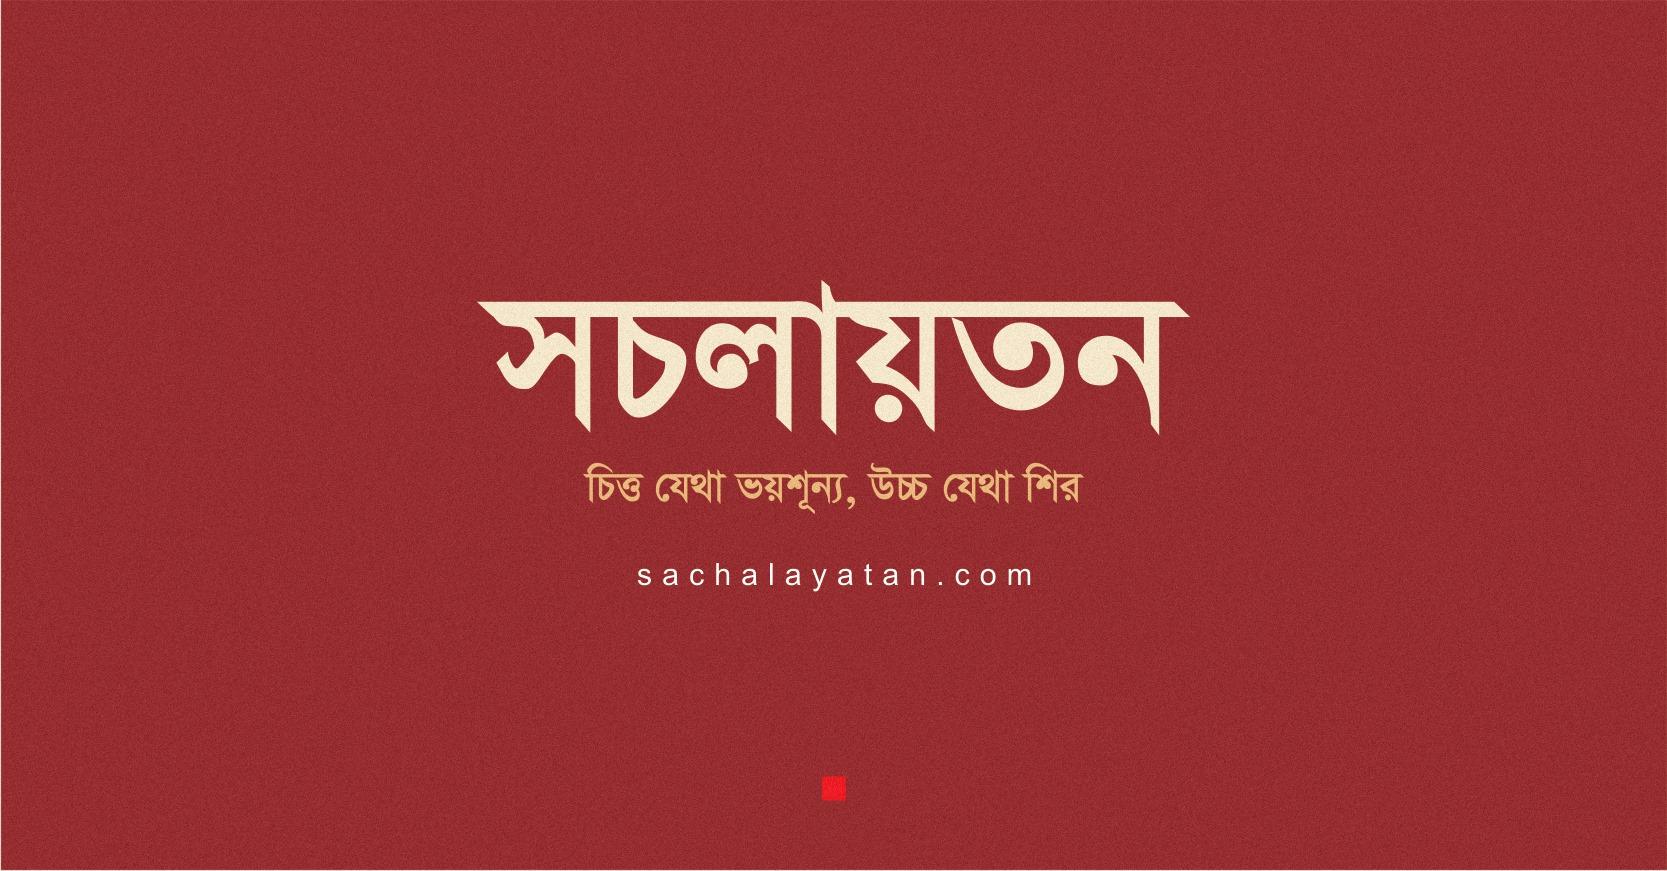 জাফর ইকবাল স্যার, আমাদের ক্ষমা করুন | সচলায়তন